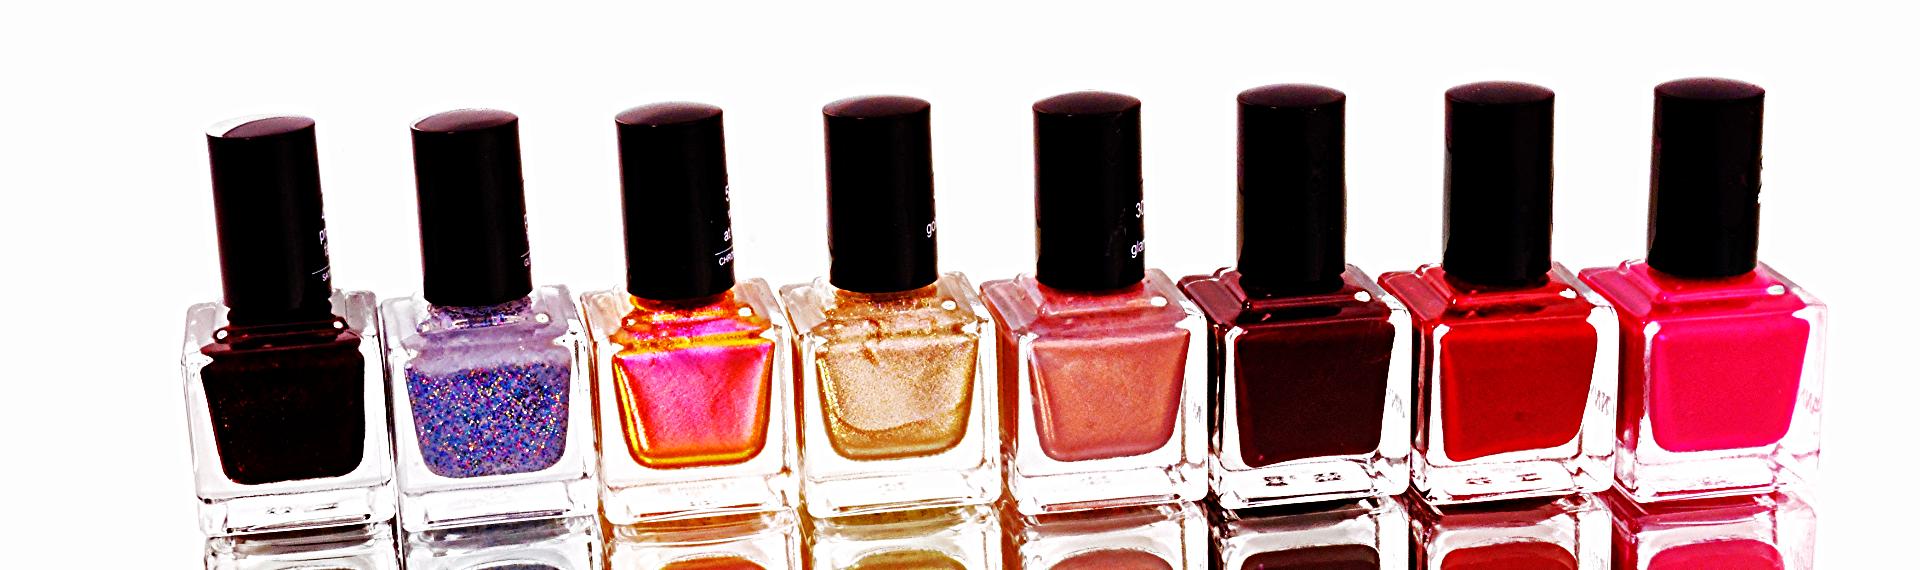 nail designs-nail salon-nail art-acrylic nails (4)_edited_edited.jpg